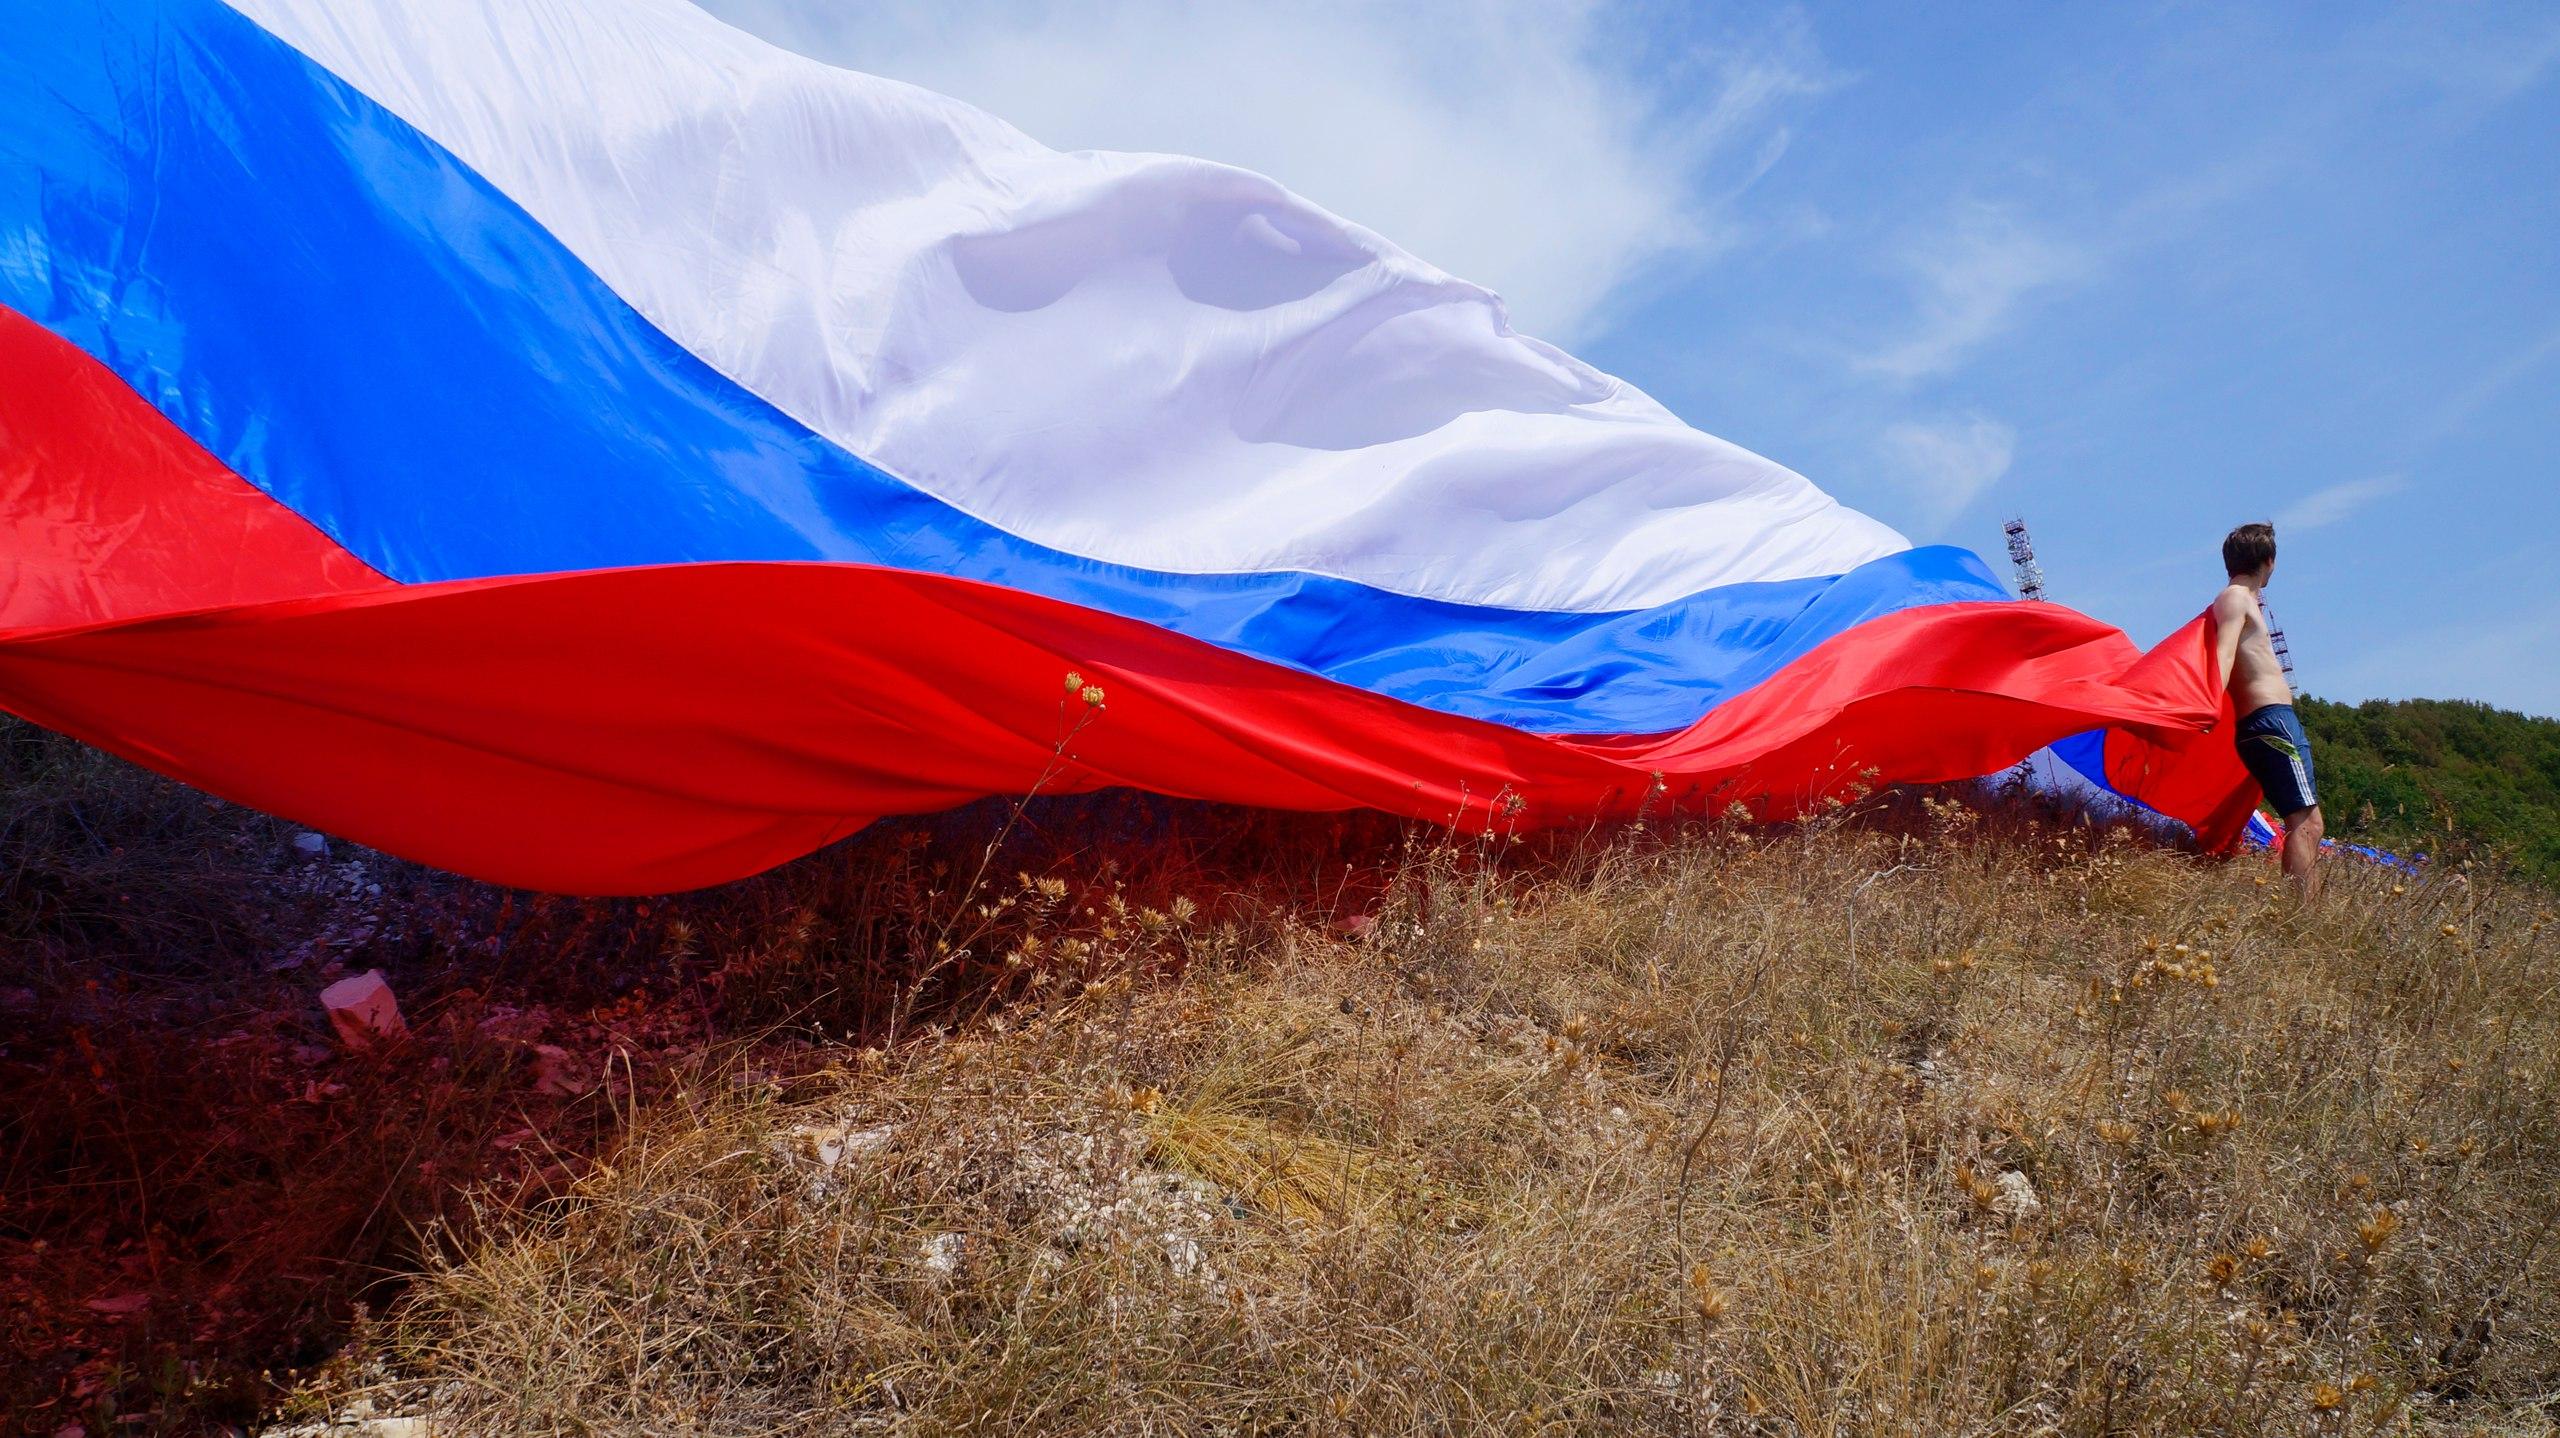 рисунок триколор флаг россии фотографии приведены фото